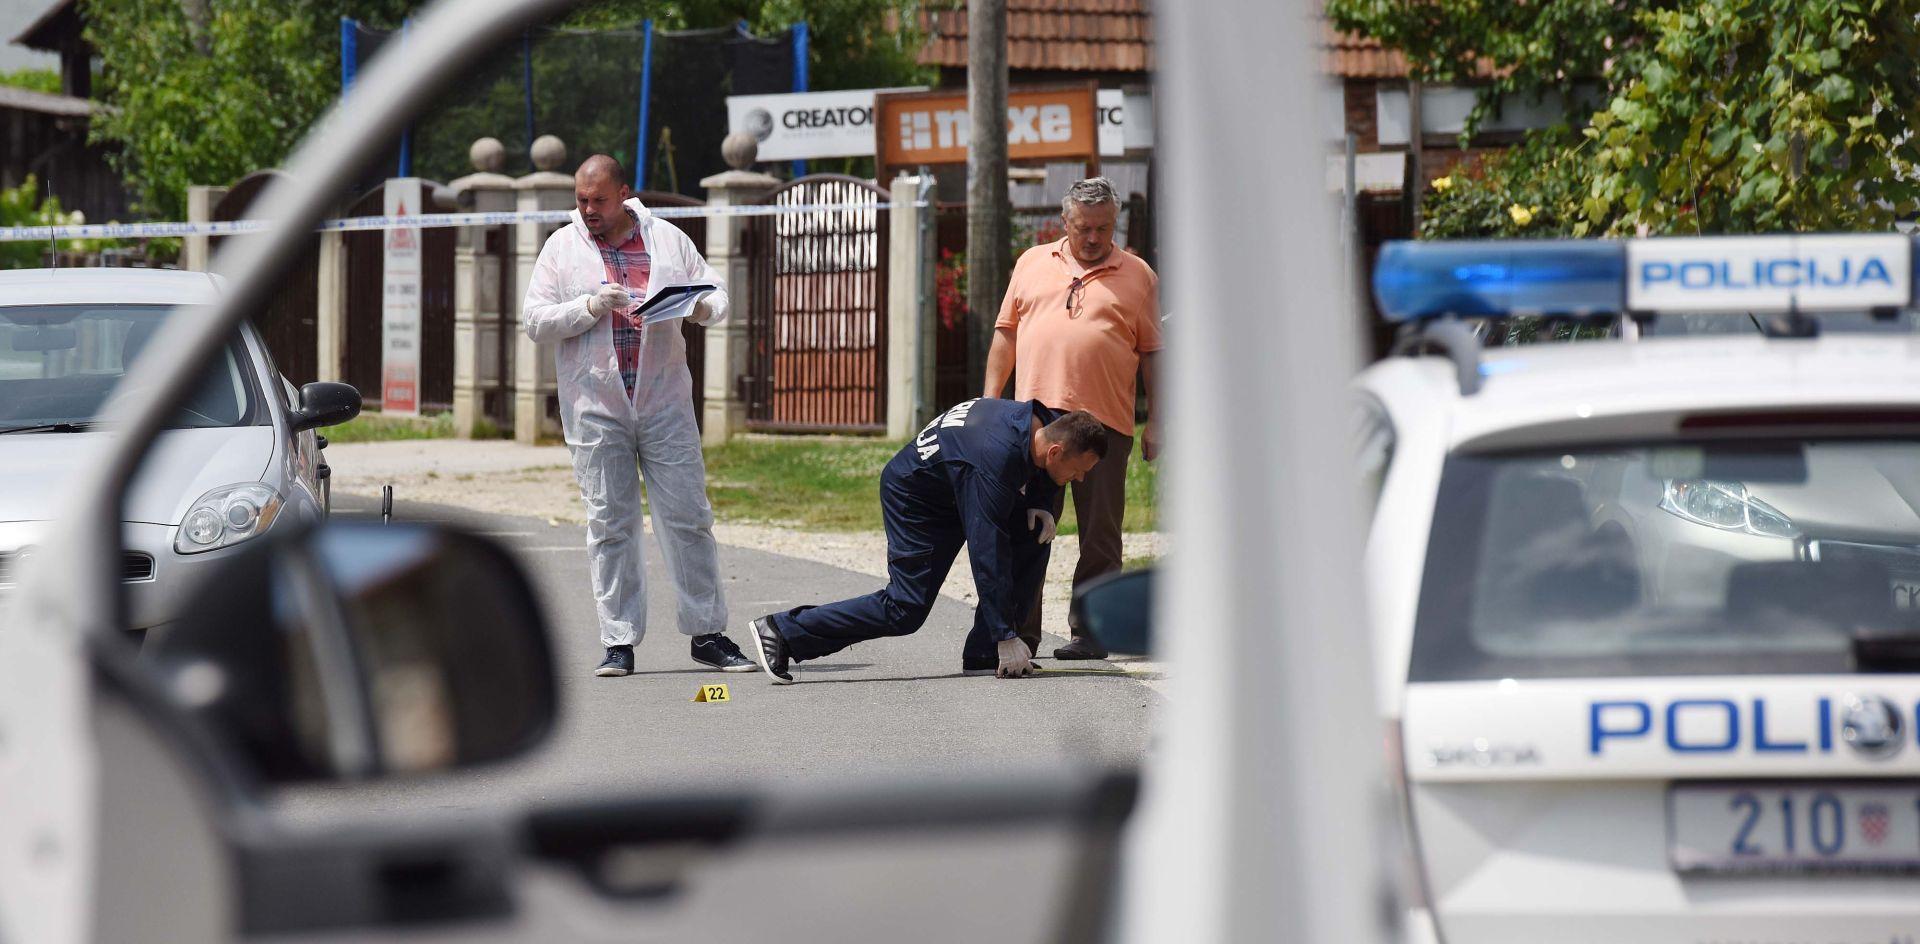 DETALJI TRAGEDIJE U MEĐIMURJU Dvije žene ubio prometni policajac